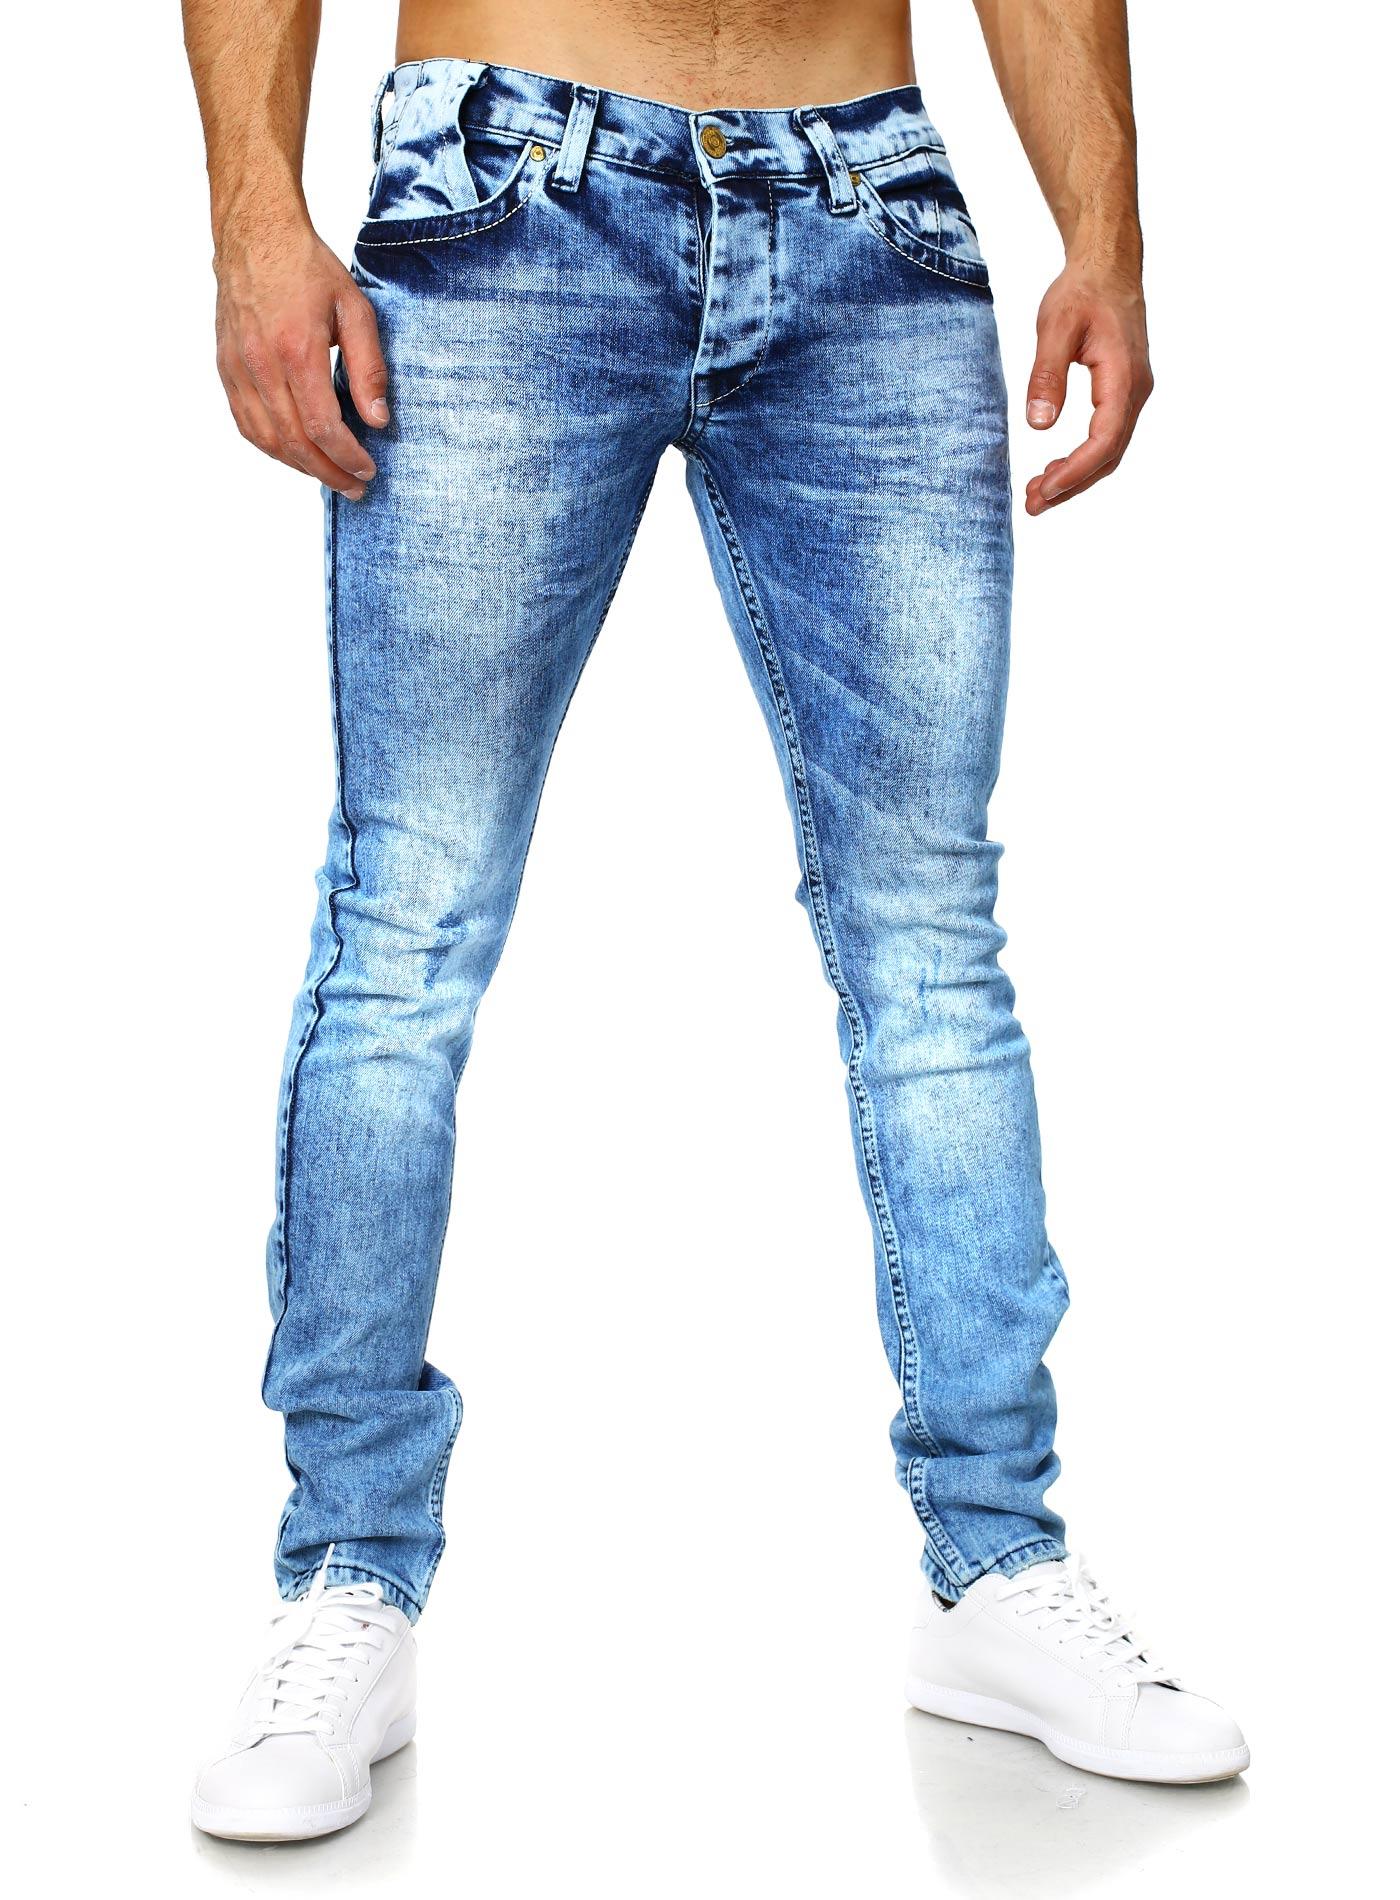 Мужской образ в джинсах